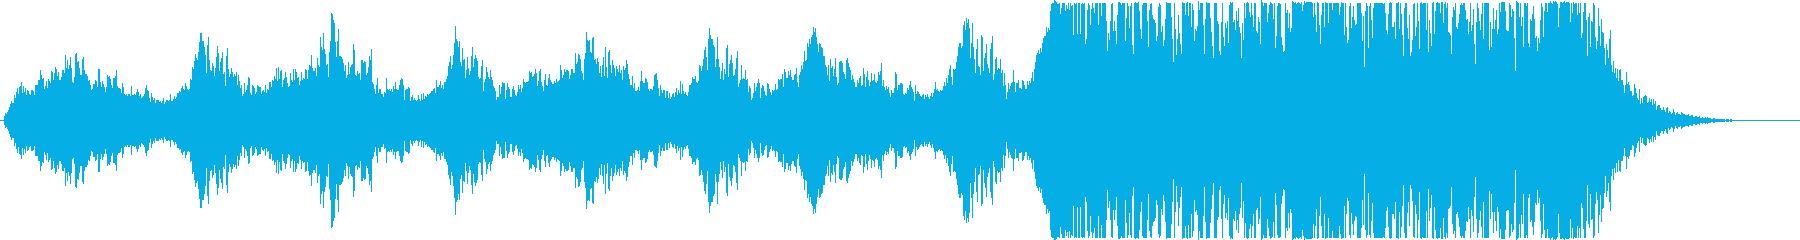 怖いうめき声~打楽器◆予告編/トレーラーの再生済みの波形